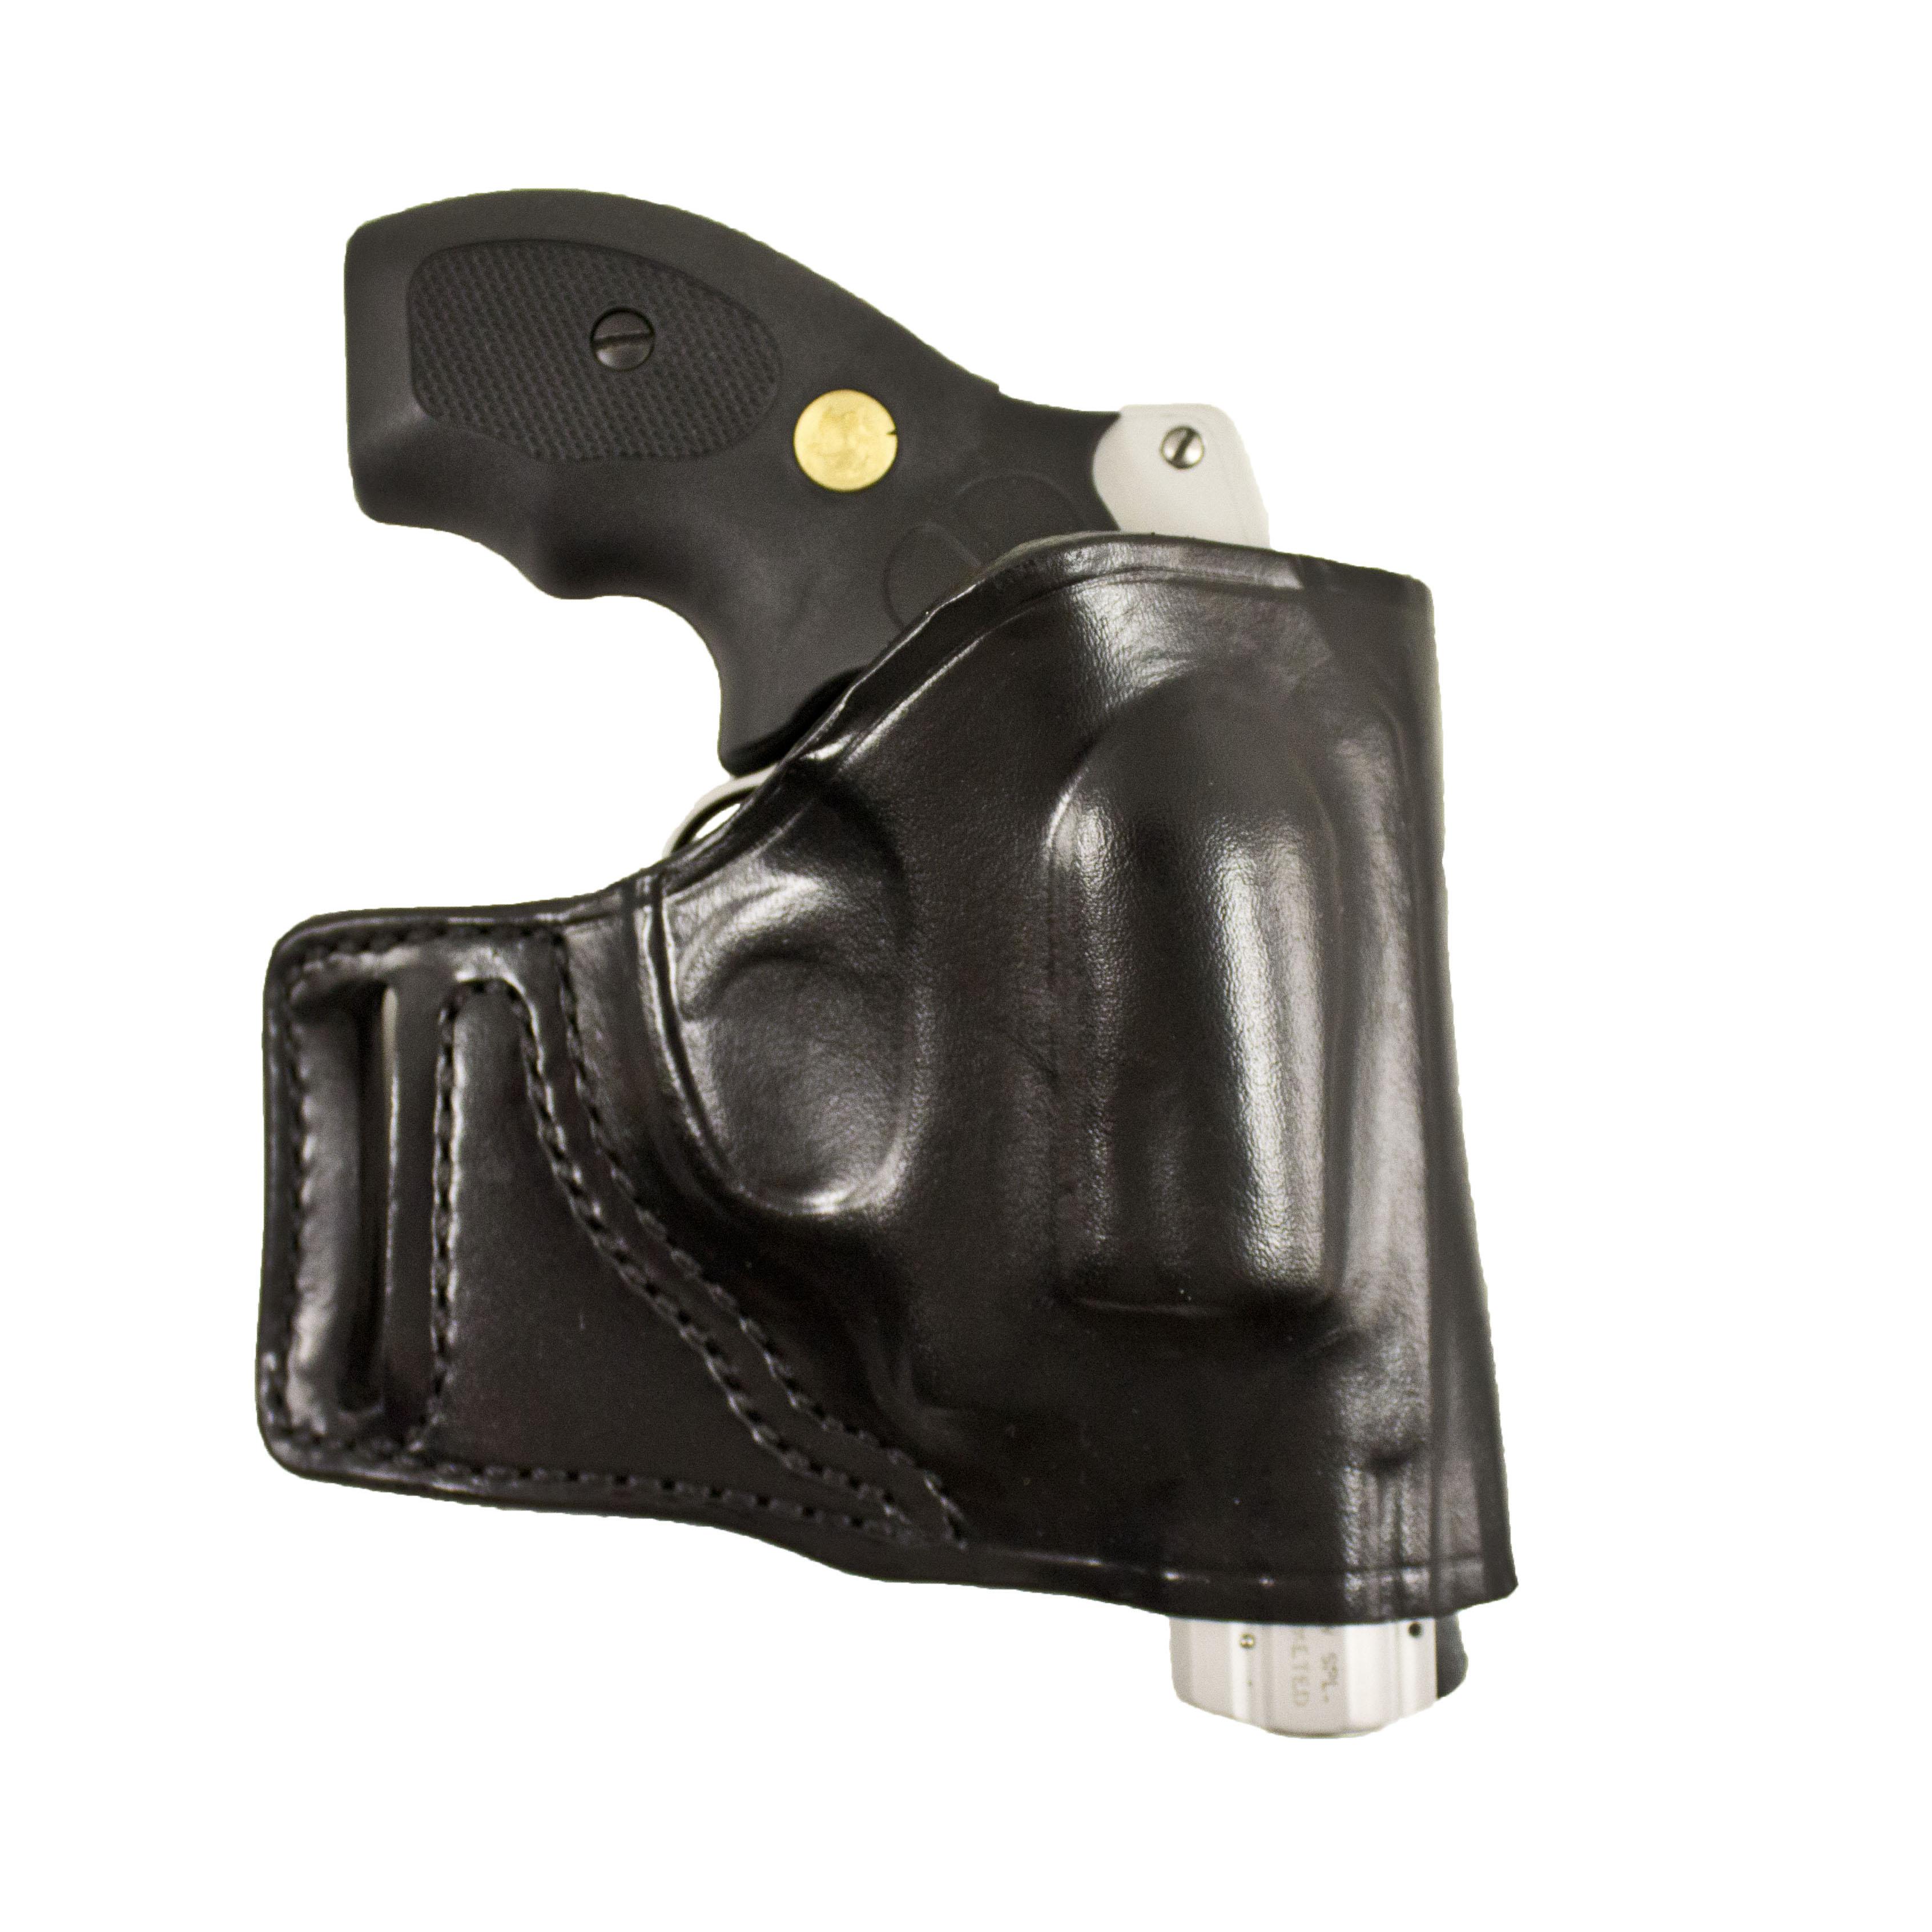 Desantis E-gat Slide Holster - Right, Black 115ba02z0... - Shoot ...